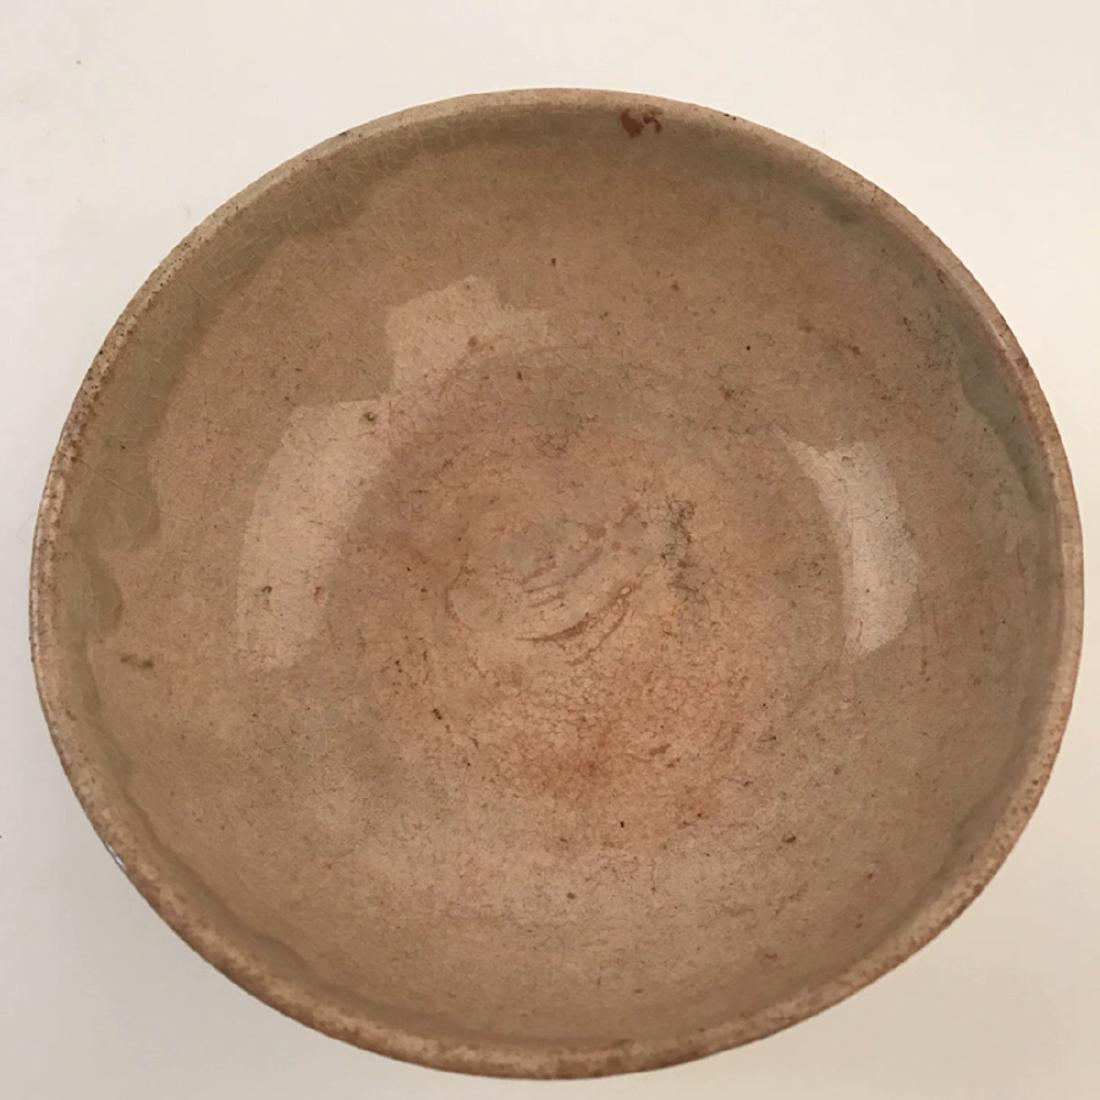 Chinese Celadon Glazed Bowl - 2